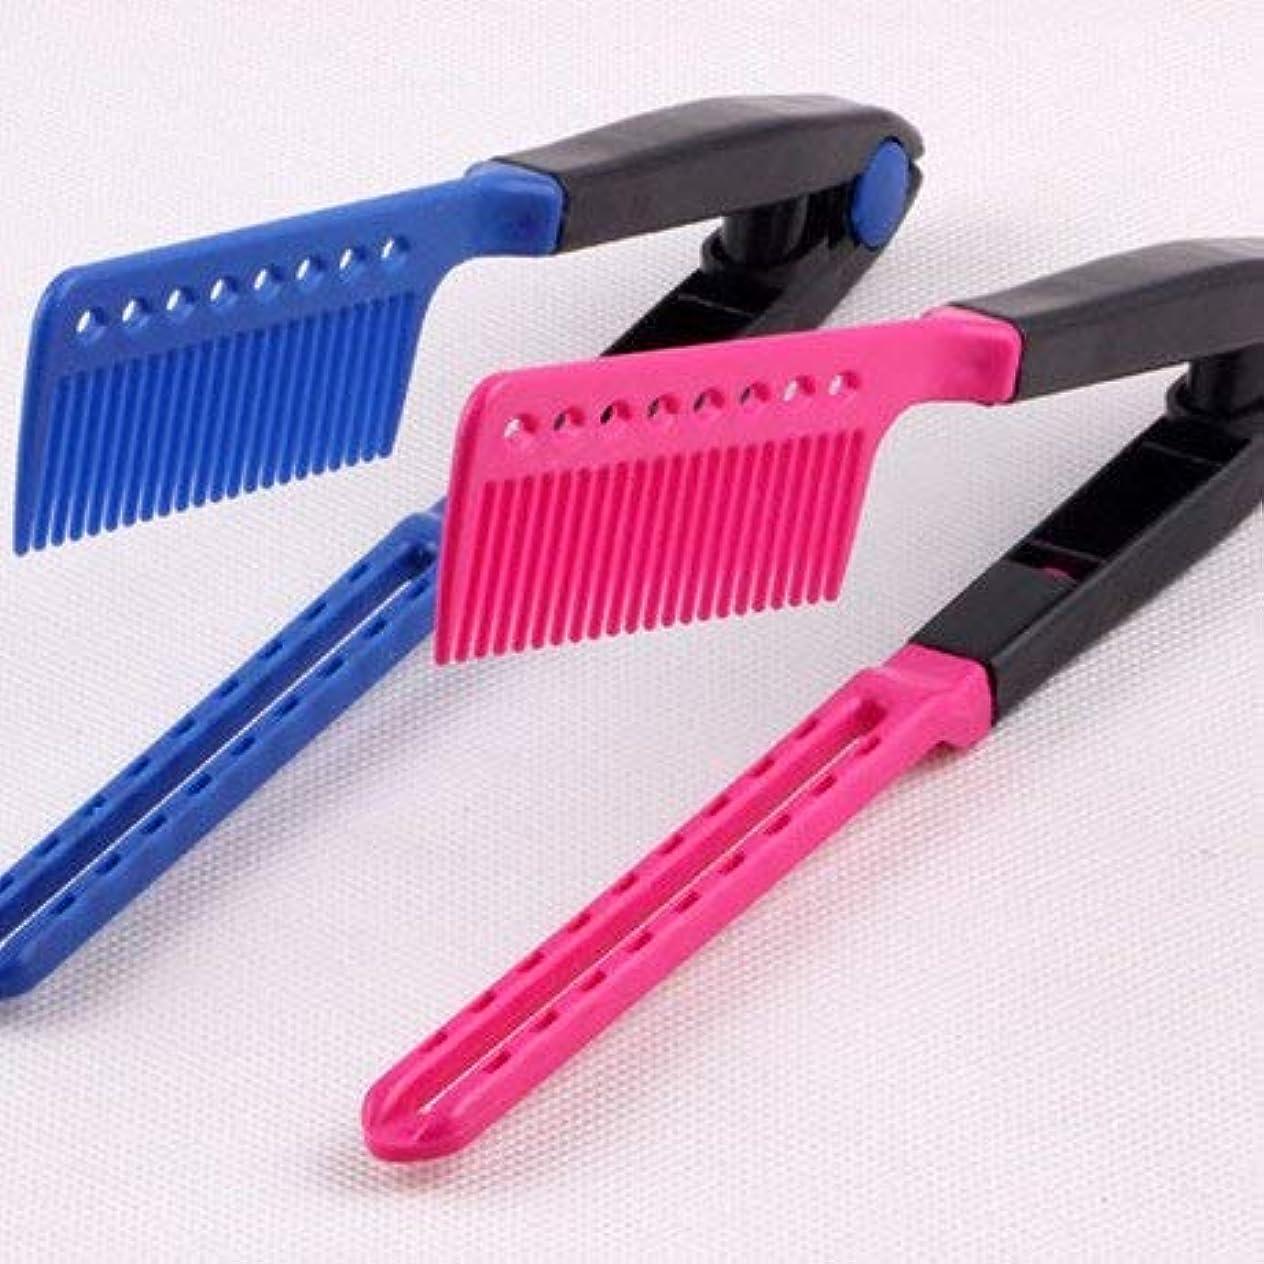 テロリストロゴ農場Hair Straightening Comb, Haircut Anti-static V Shape Comb Clip Clamp Hairdressing Styling Tools(Rose_Red) [並行輸入品]